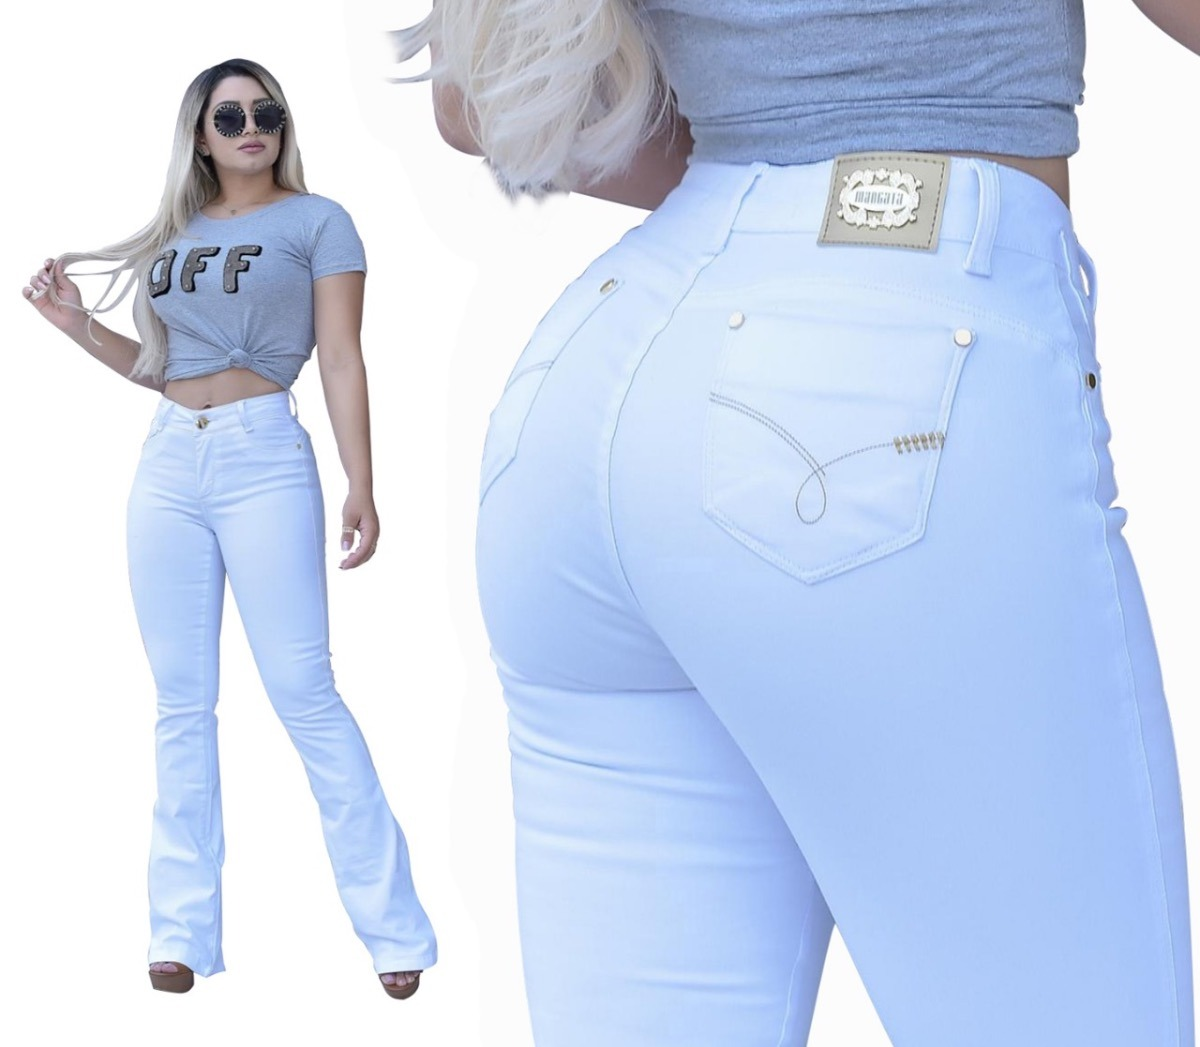 ae45b920ad12c calça jeans flare feminina branca premium estilo pitbull. Carregando zoom.